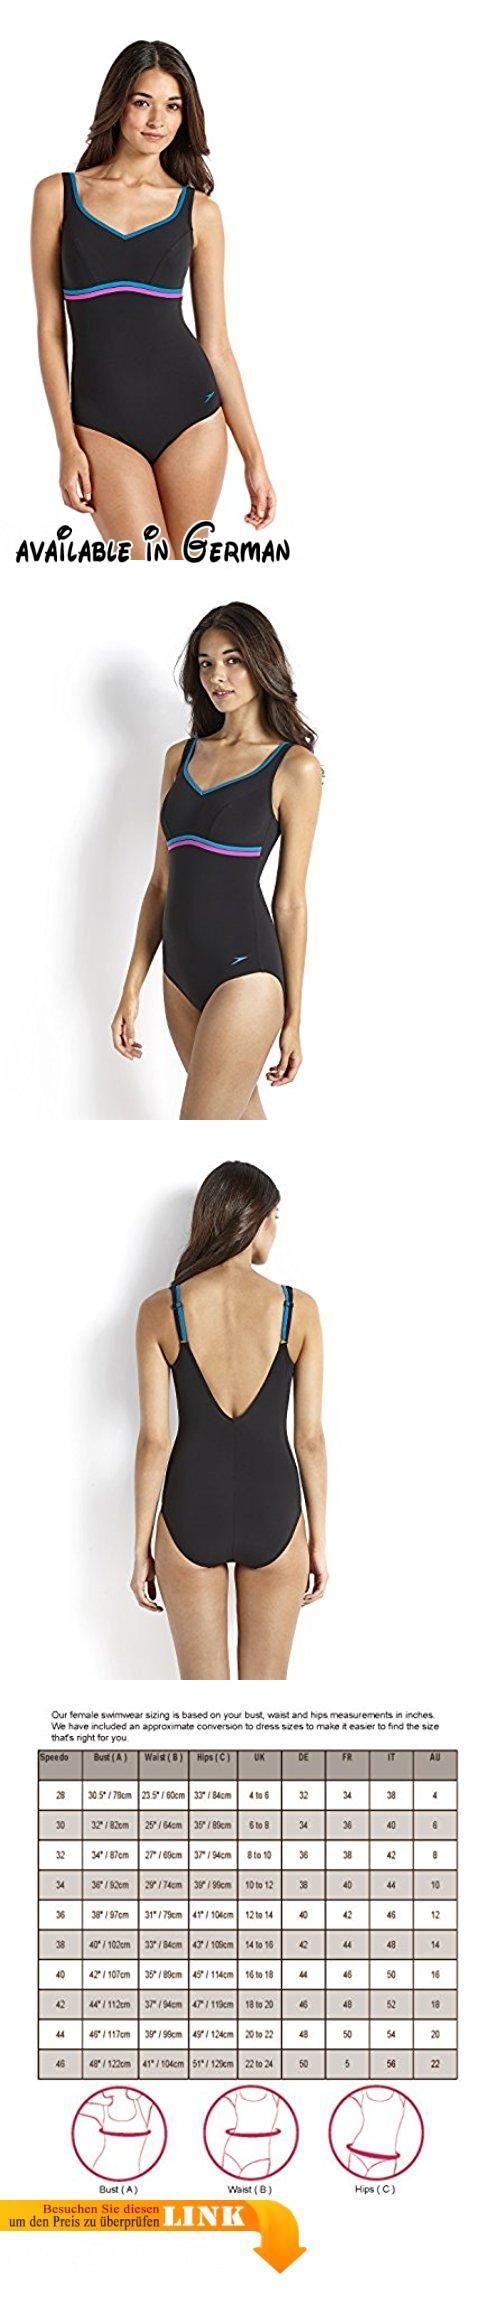 Speedo Damen Badeanzug Sculpture Contourluxe, Schwarz (Black/Blue/Diva), 38 (Herstellergröße: 34), 8-10417A71734. Formt und glättet - die weichen, formenden Stoffe schmiegen sich an die Bauch- und Hüftpartie und schaffen eine schlanke Silhouette. Schlankmachend - das farblich abgesetzte Band unter der Brust und der V-Ausschnitt geben dem Busen sanft Kontur und lenkt die Blicke nach oben, sodass Dein Körper optisch länger und schlanker wirkt. Bequem - verstellbare Träger